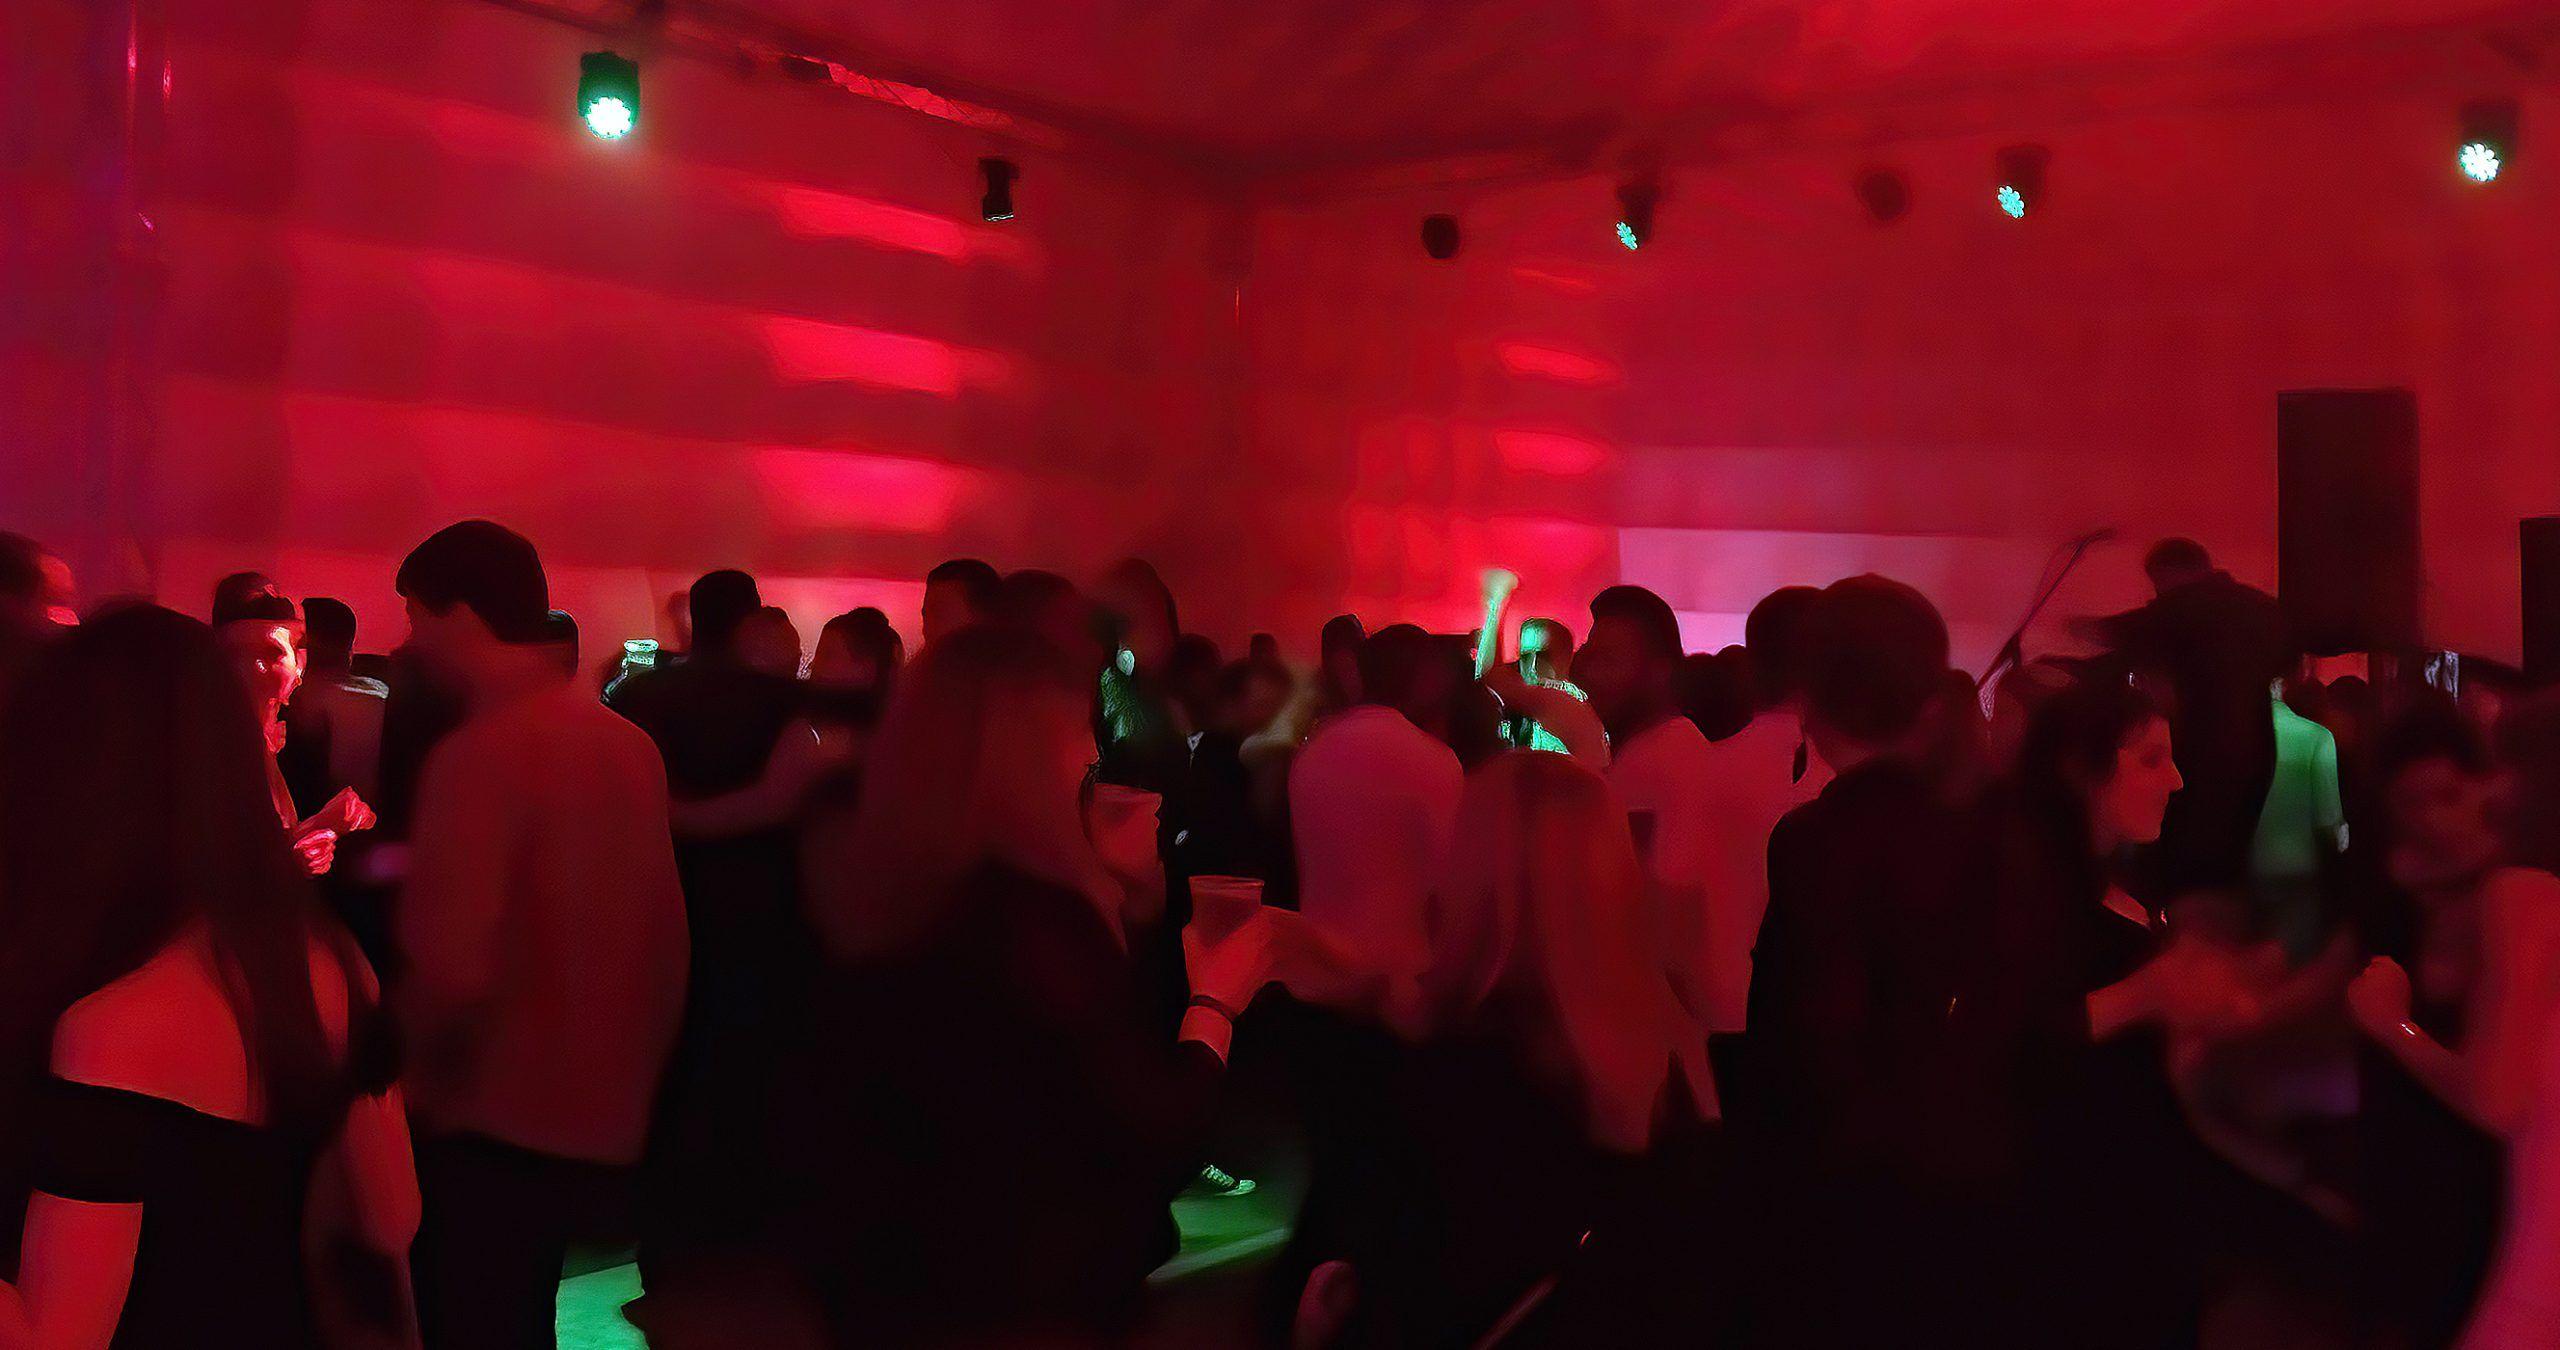 Agence Événementielle Toulouse Soiree de gala étudiant Onlyevent 5 5 scaled